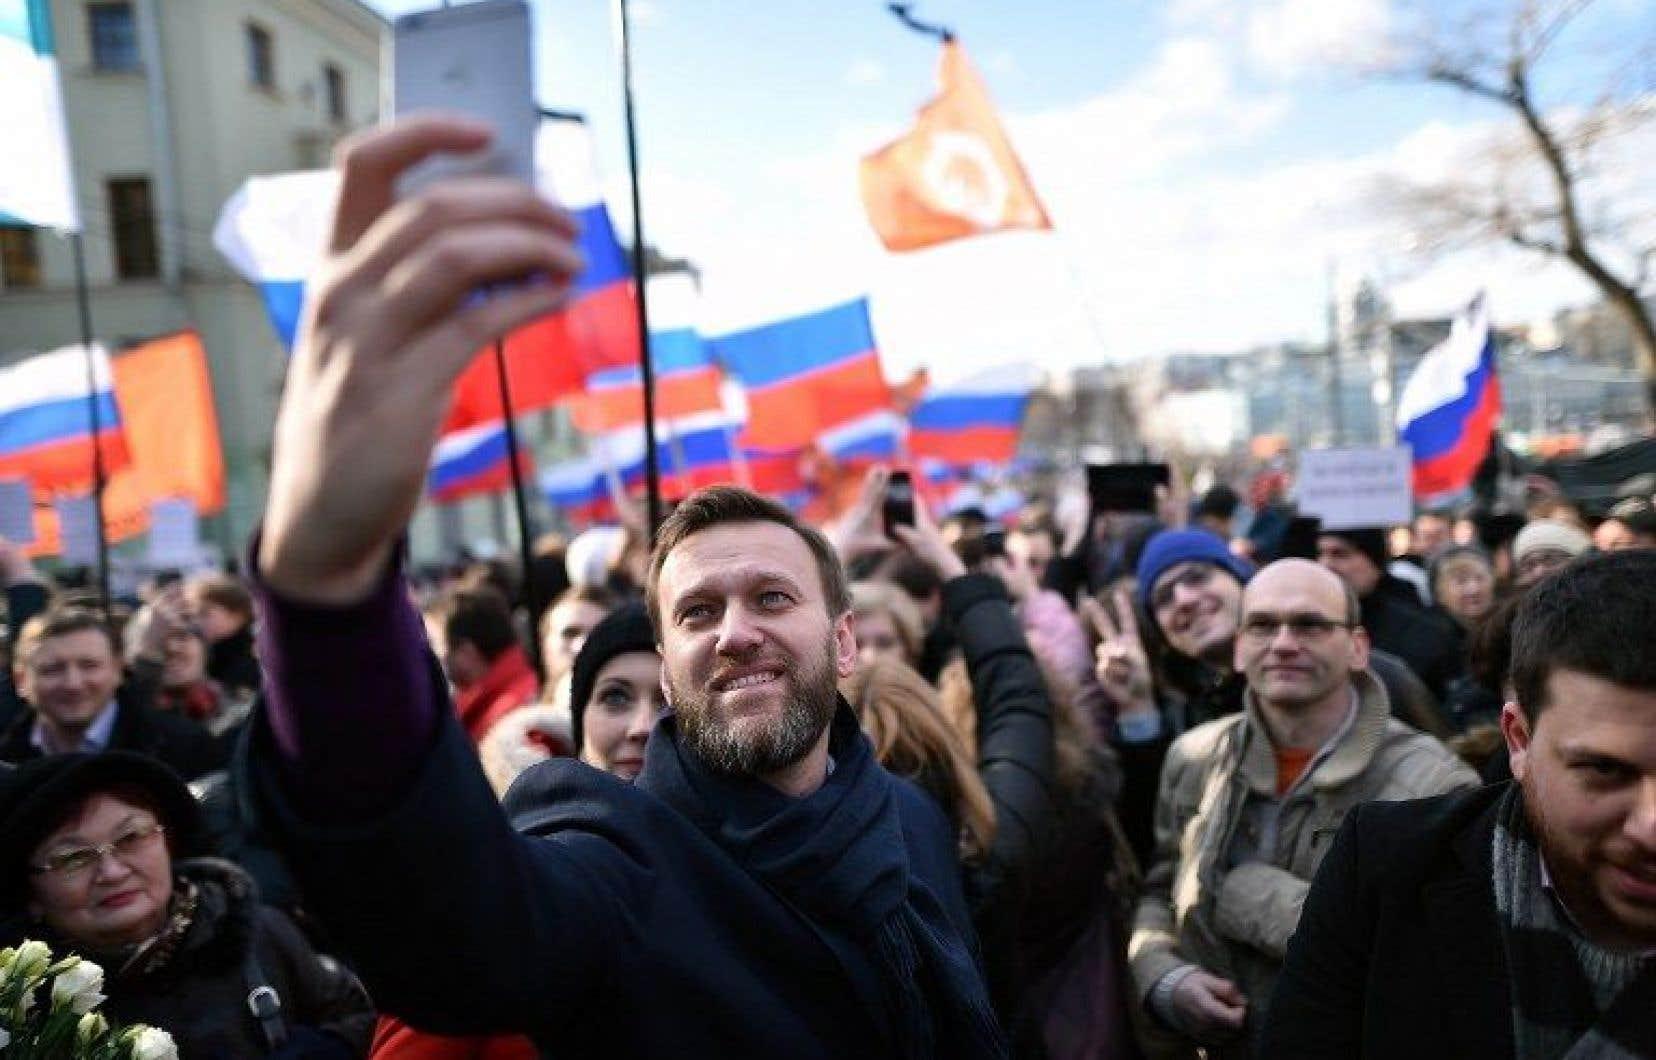 Des milliers de personnes sont descendues dans les rues de Moscou pour manifester contre la corruption dimanche.